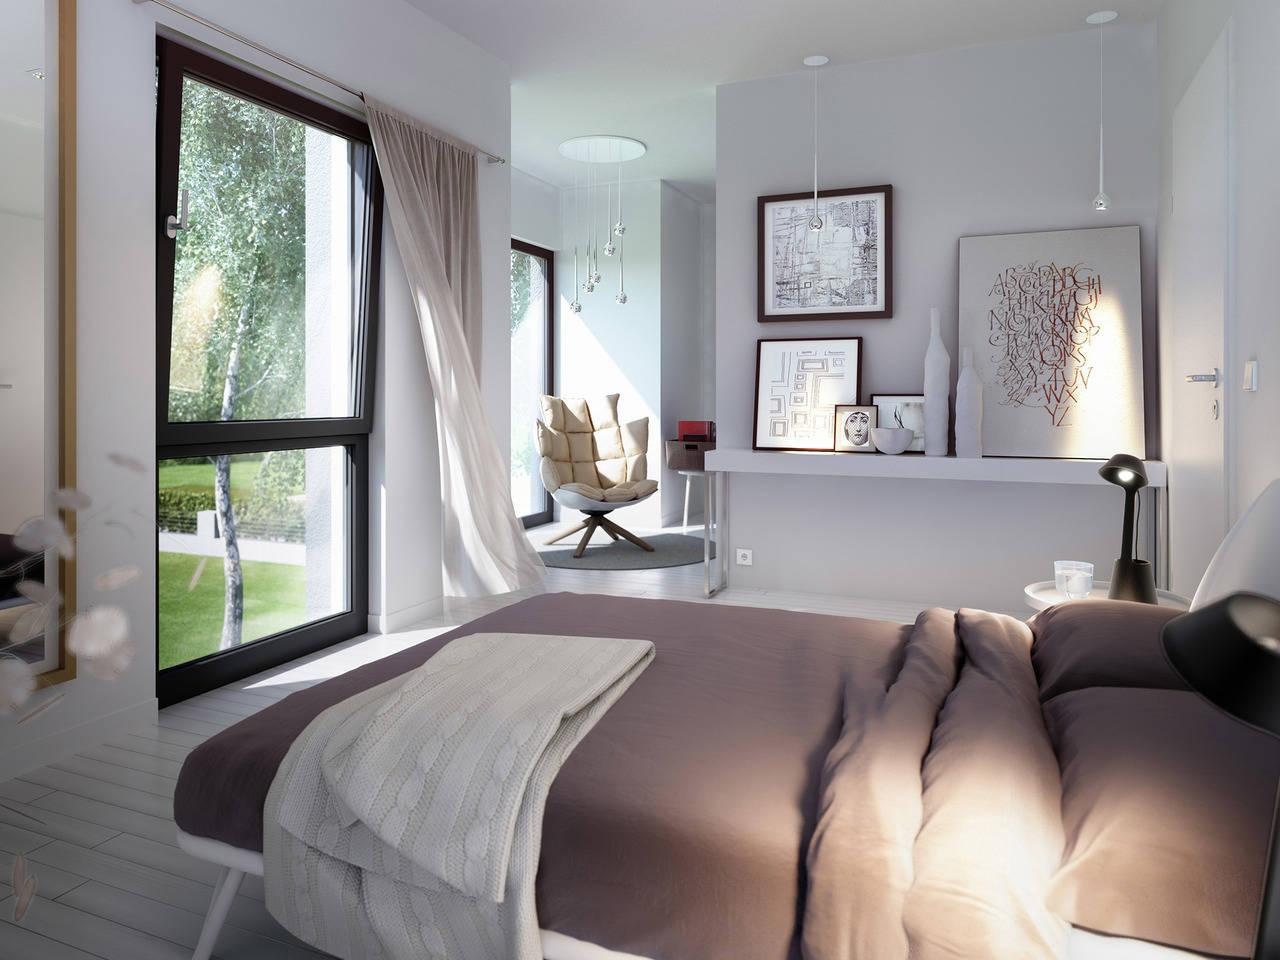 Haus Solution 106 V3 Schlafzimmer von Living Haus